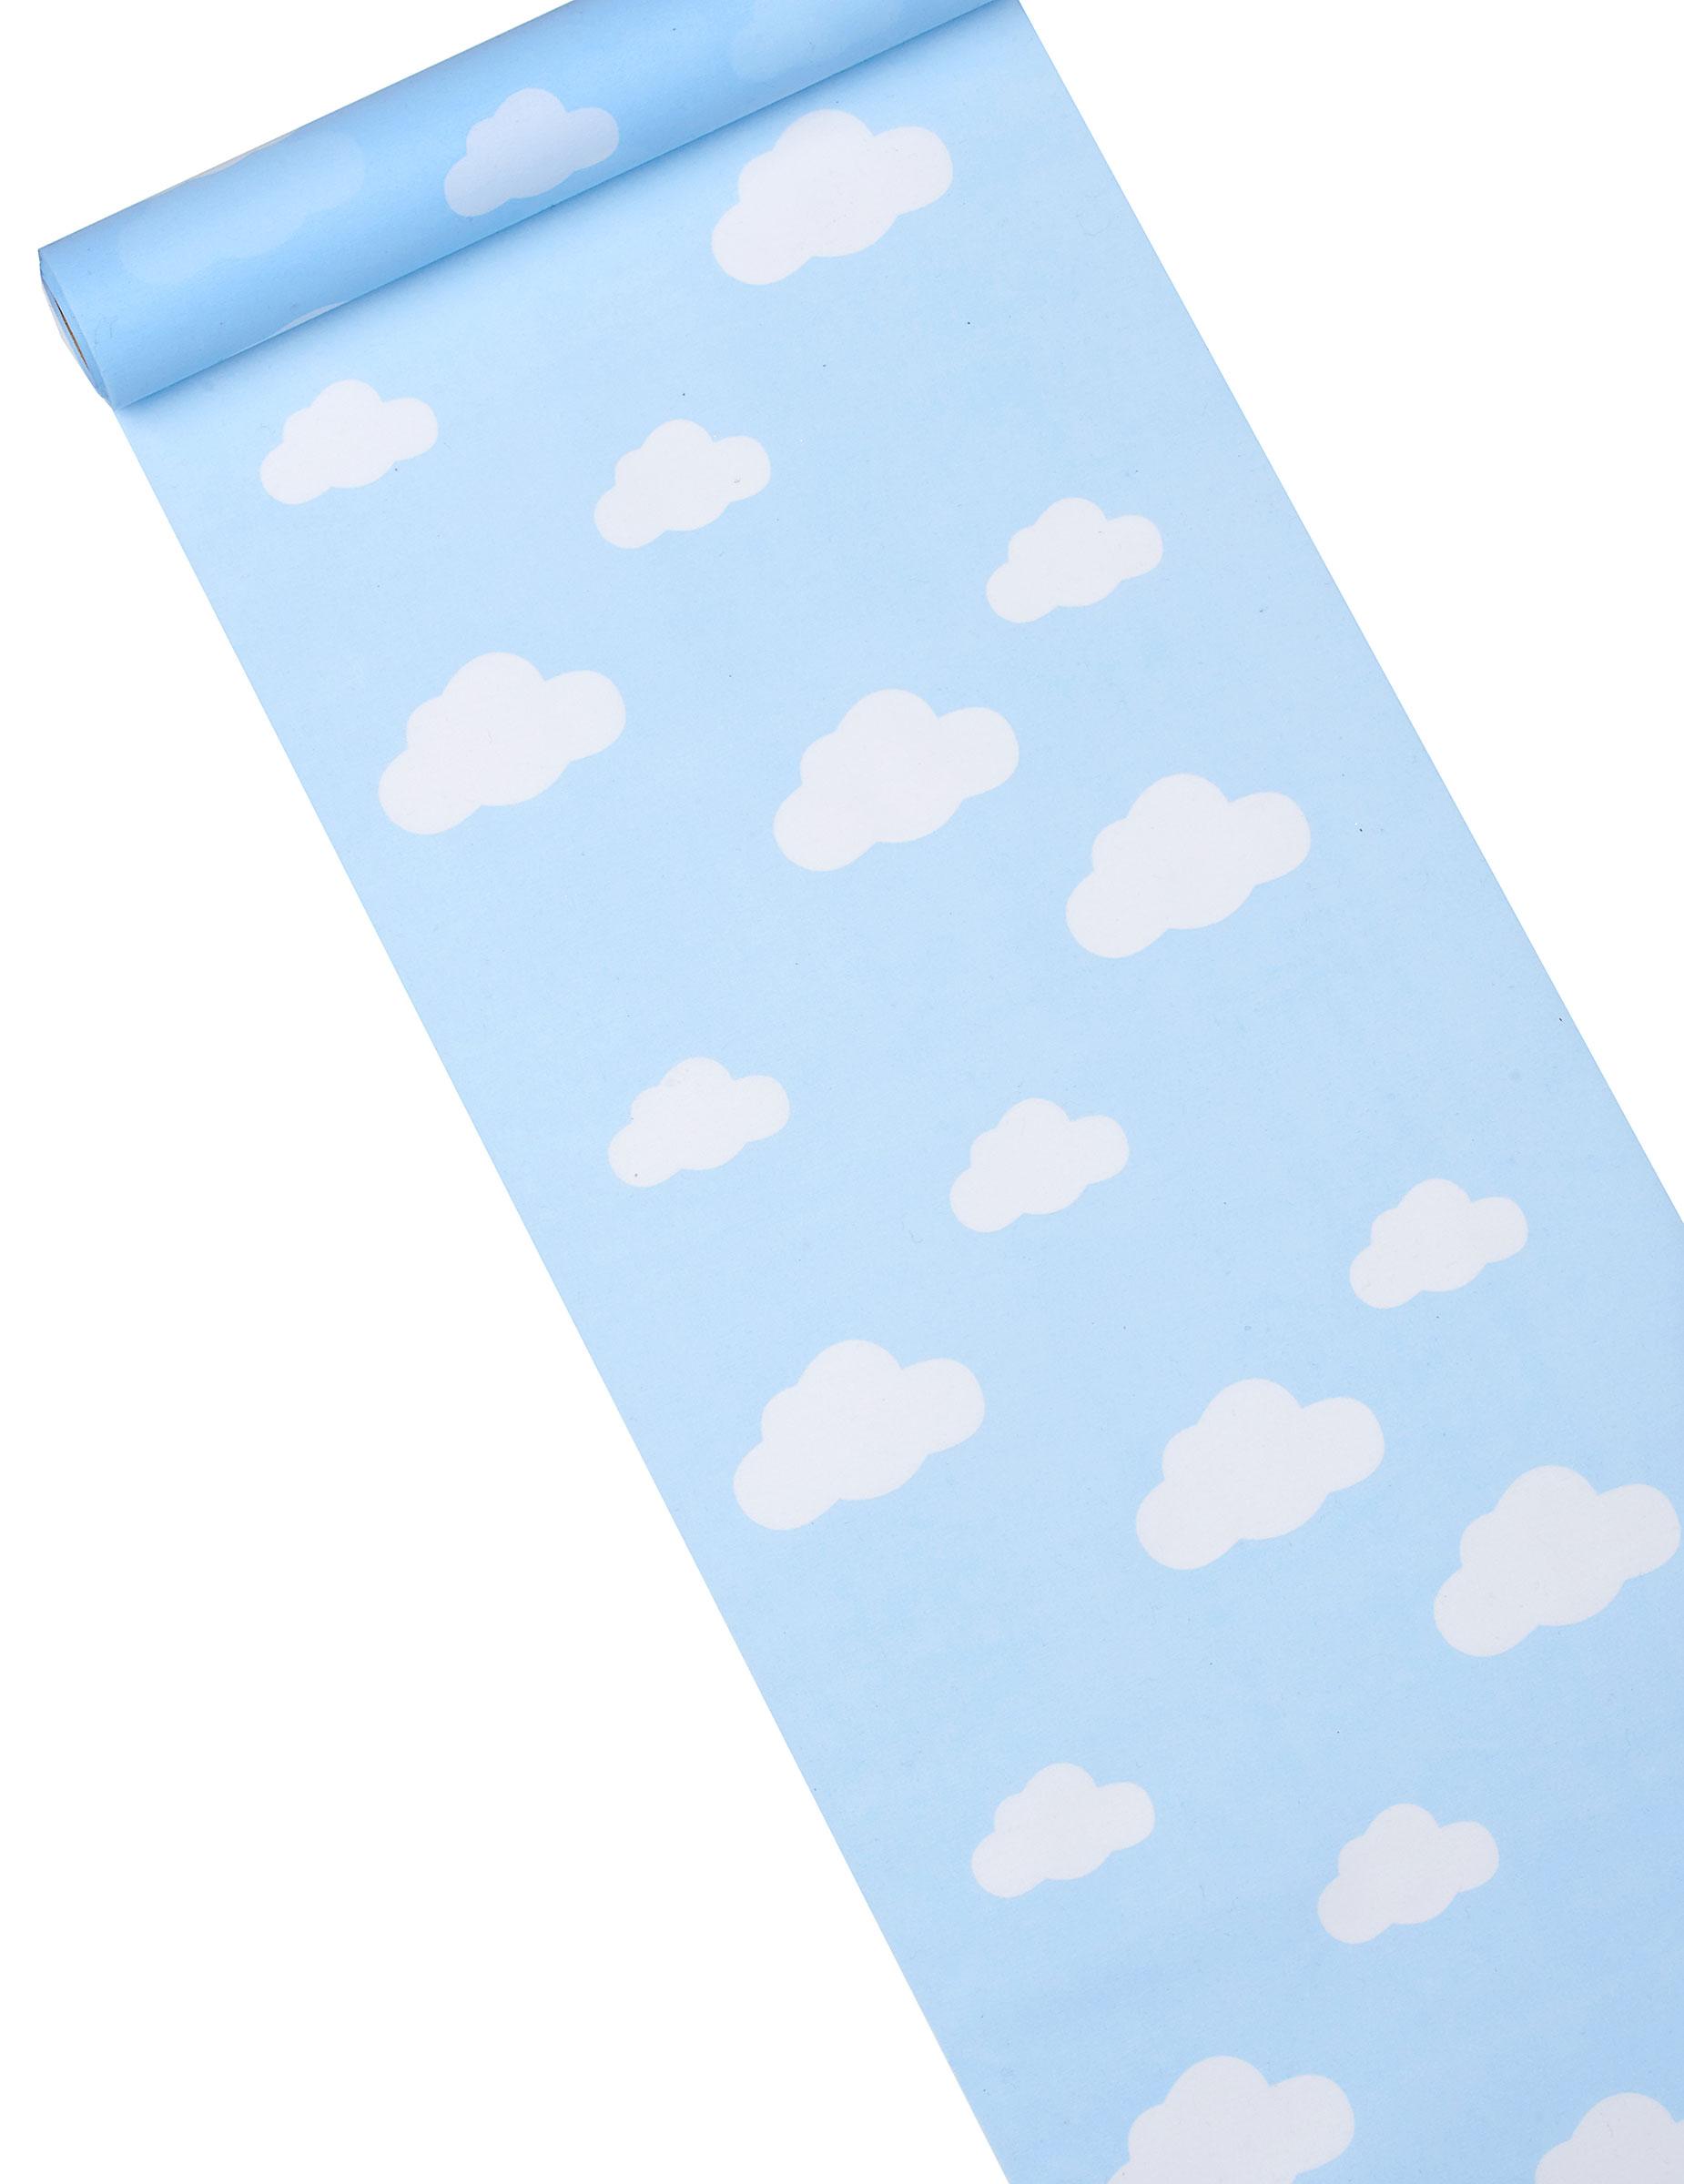 Chemin de table tissu bleu ciel imprim nuage d coration for Chemin de table bleu